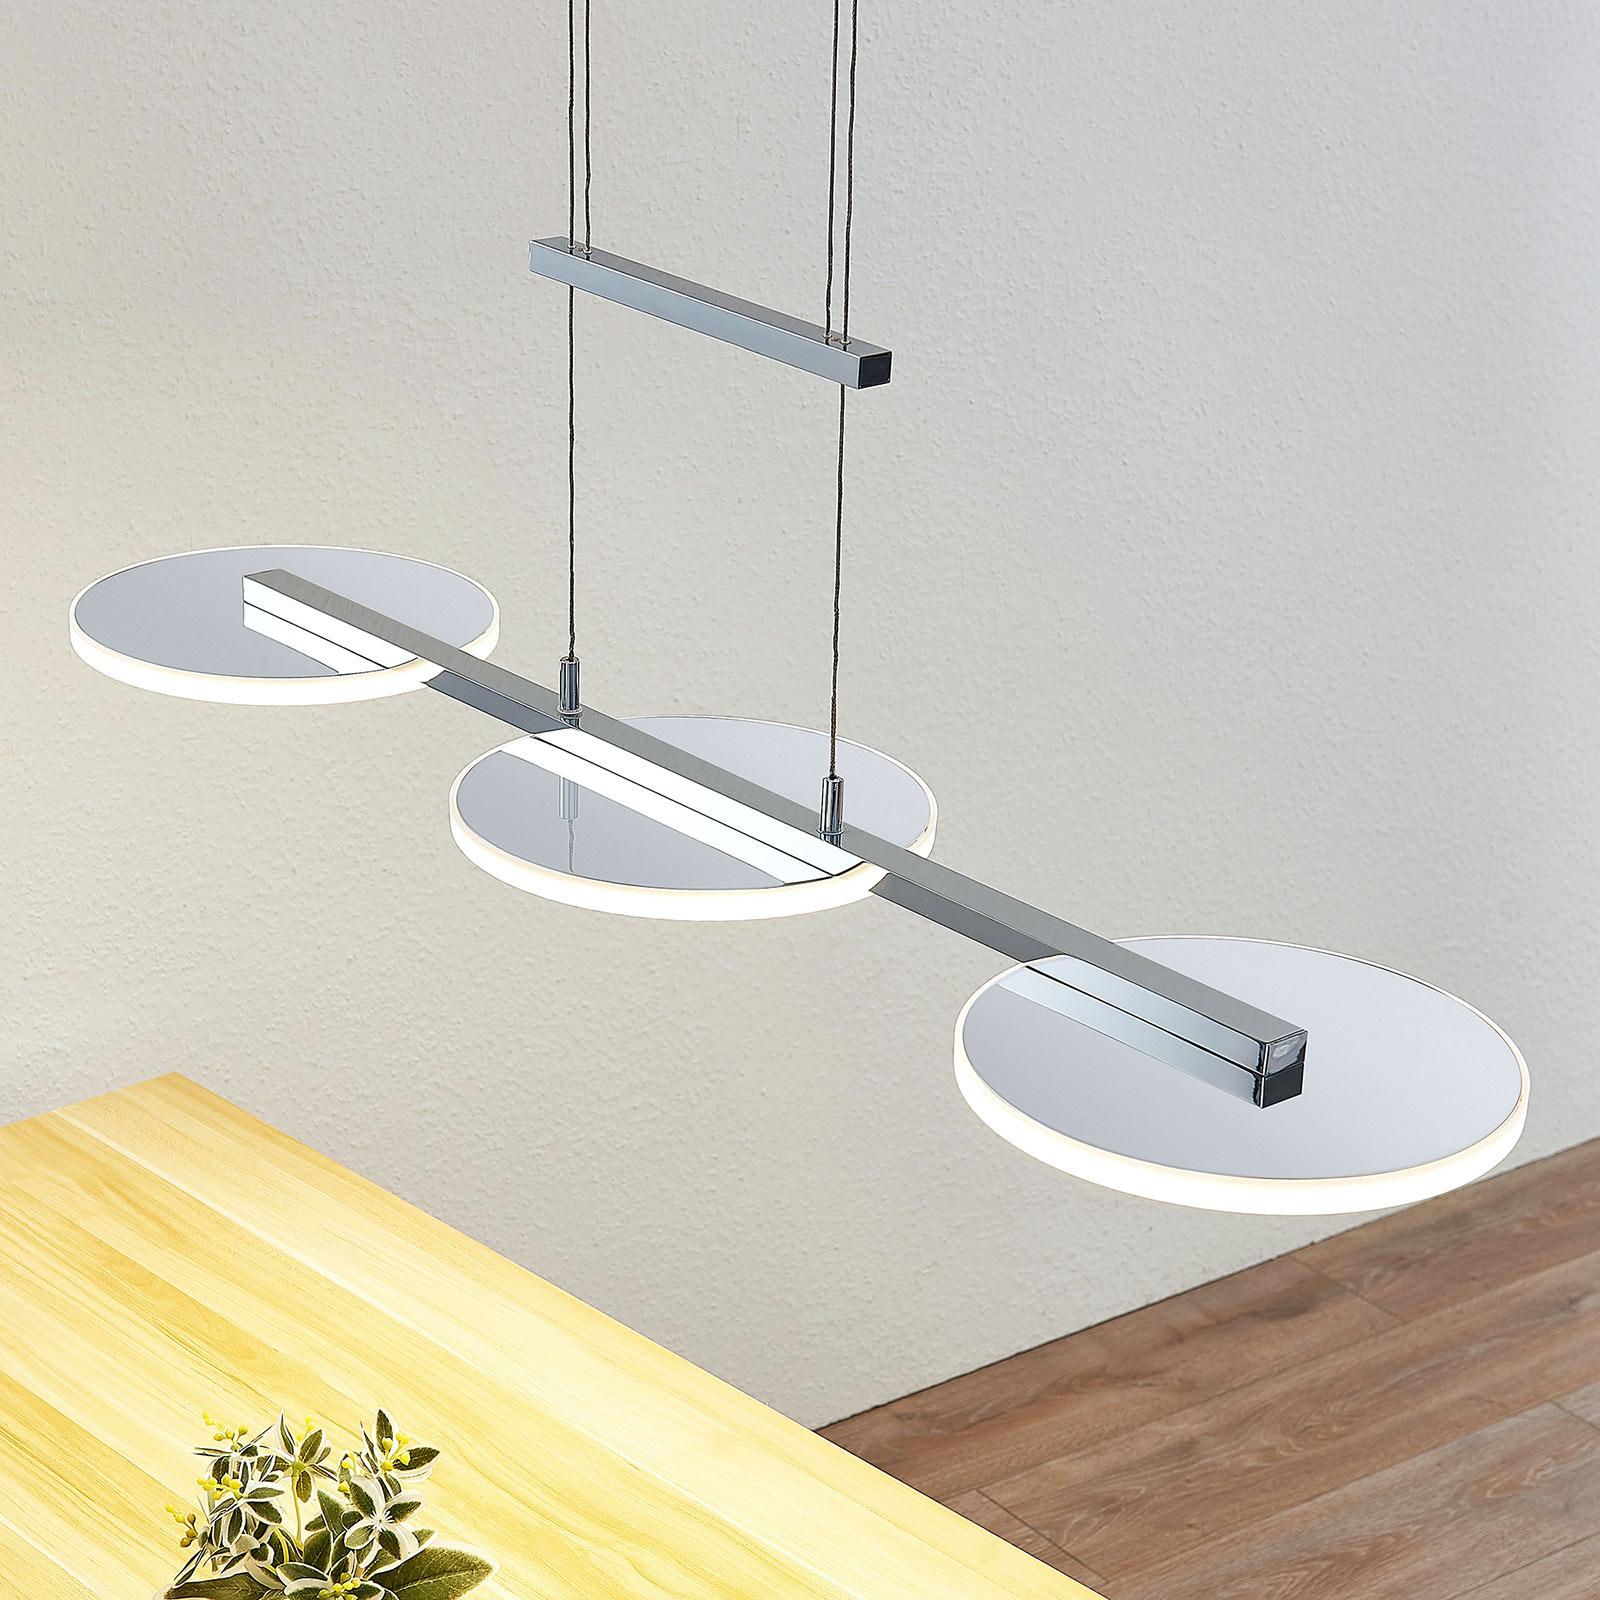 LED hanglamp Sherko, hoogte verstelbaar, 3-lamps